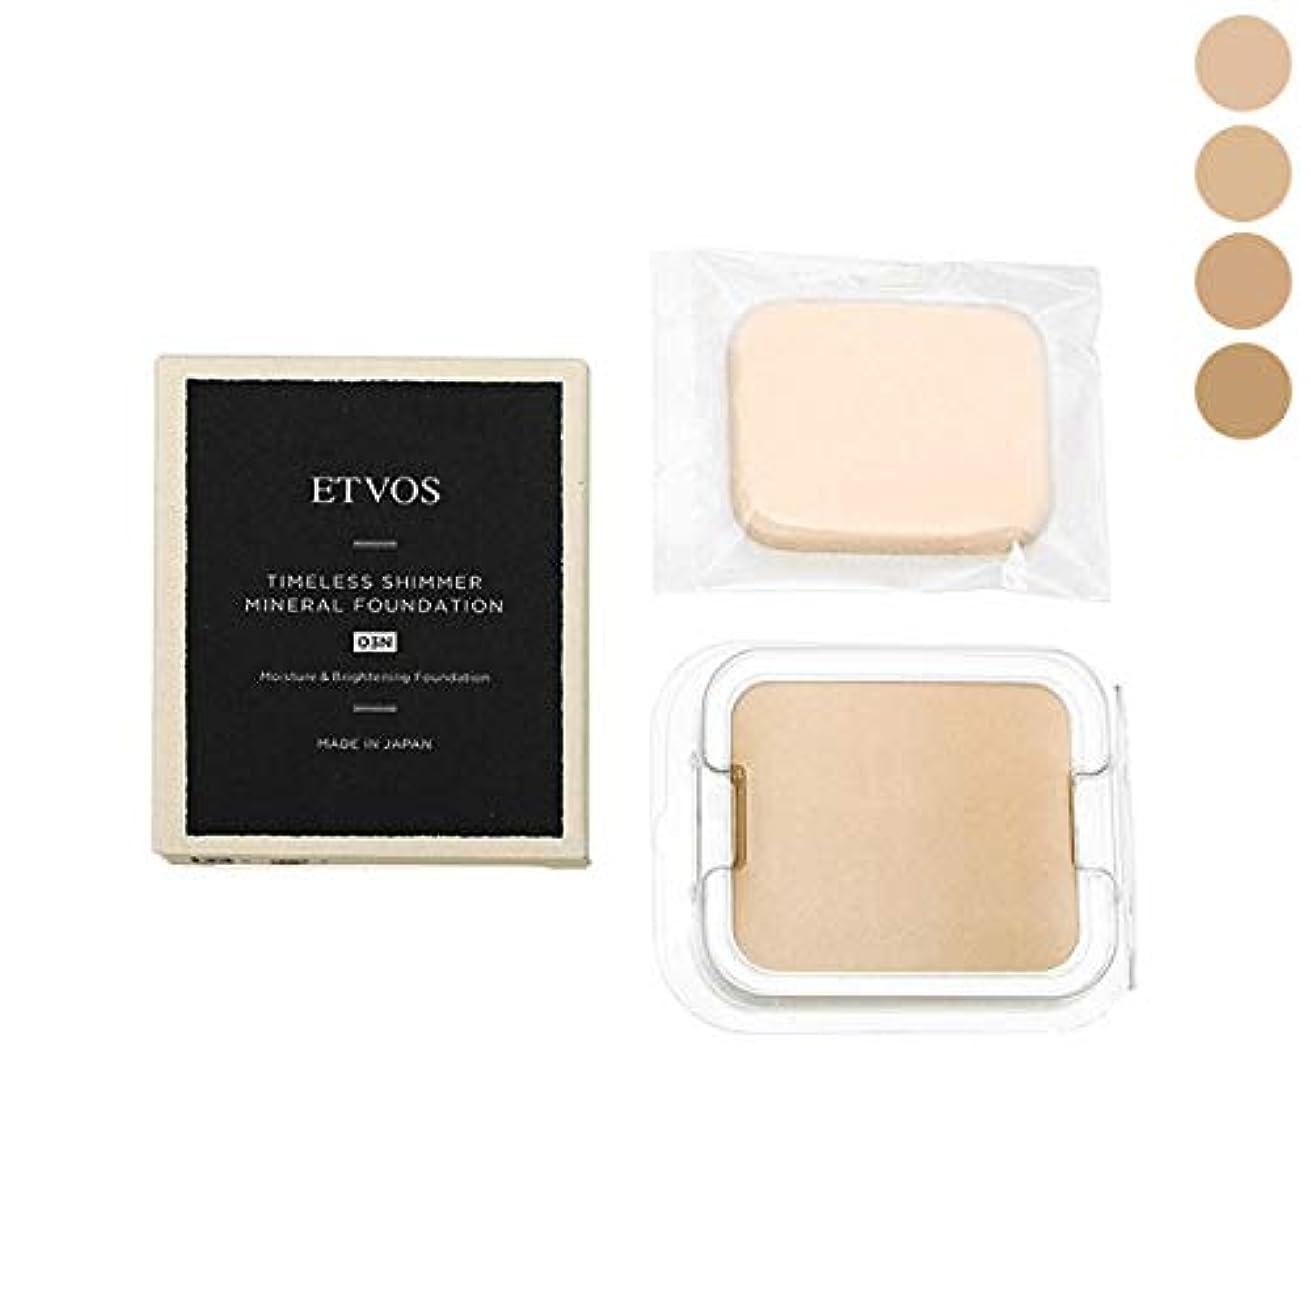 ETVOS(エトヴォス) タイムレスシマーミネラルファンデーション リフィル 【ケース別売 パフ付】 #05N 11g